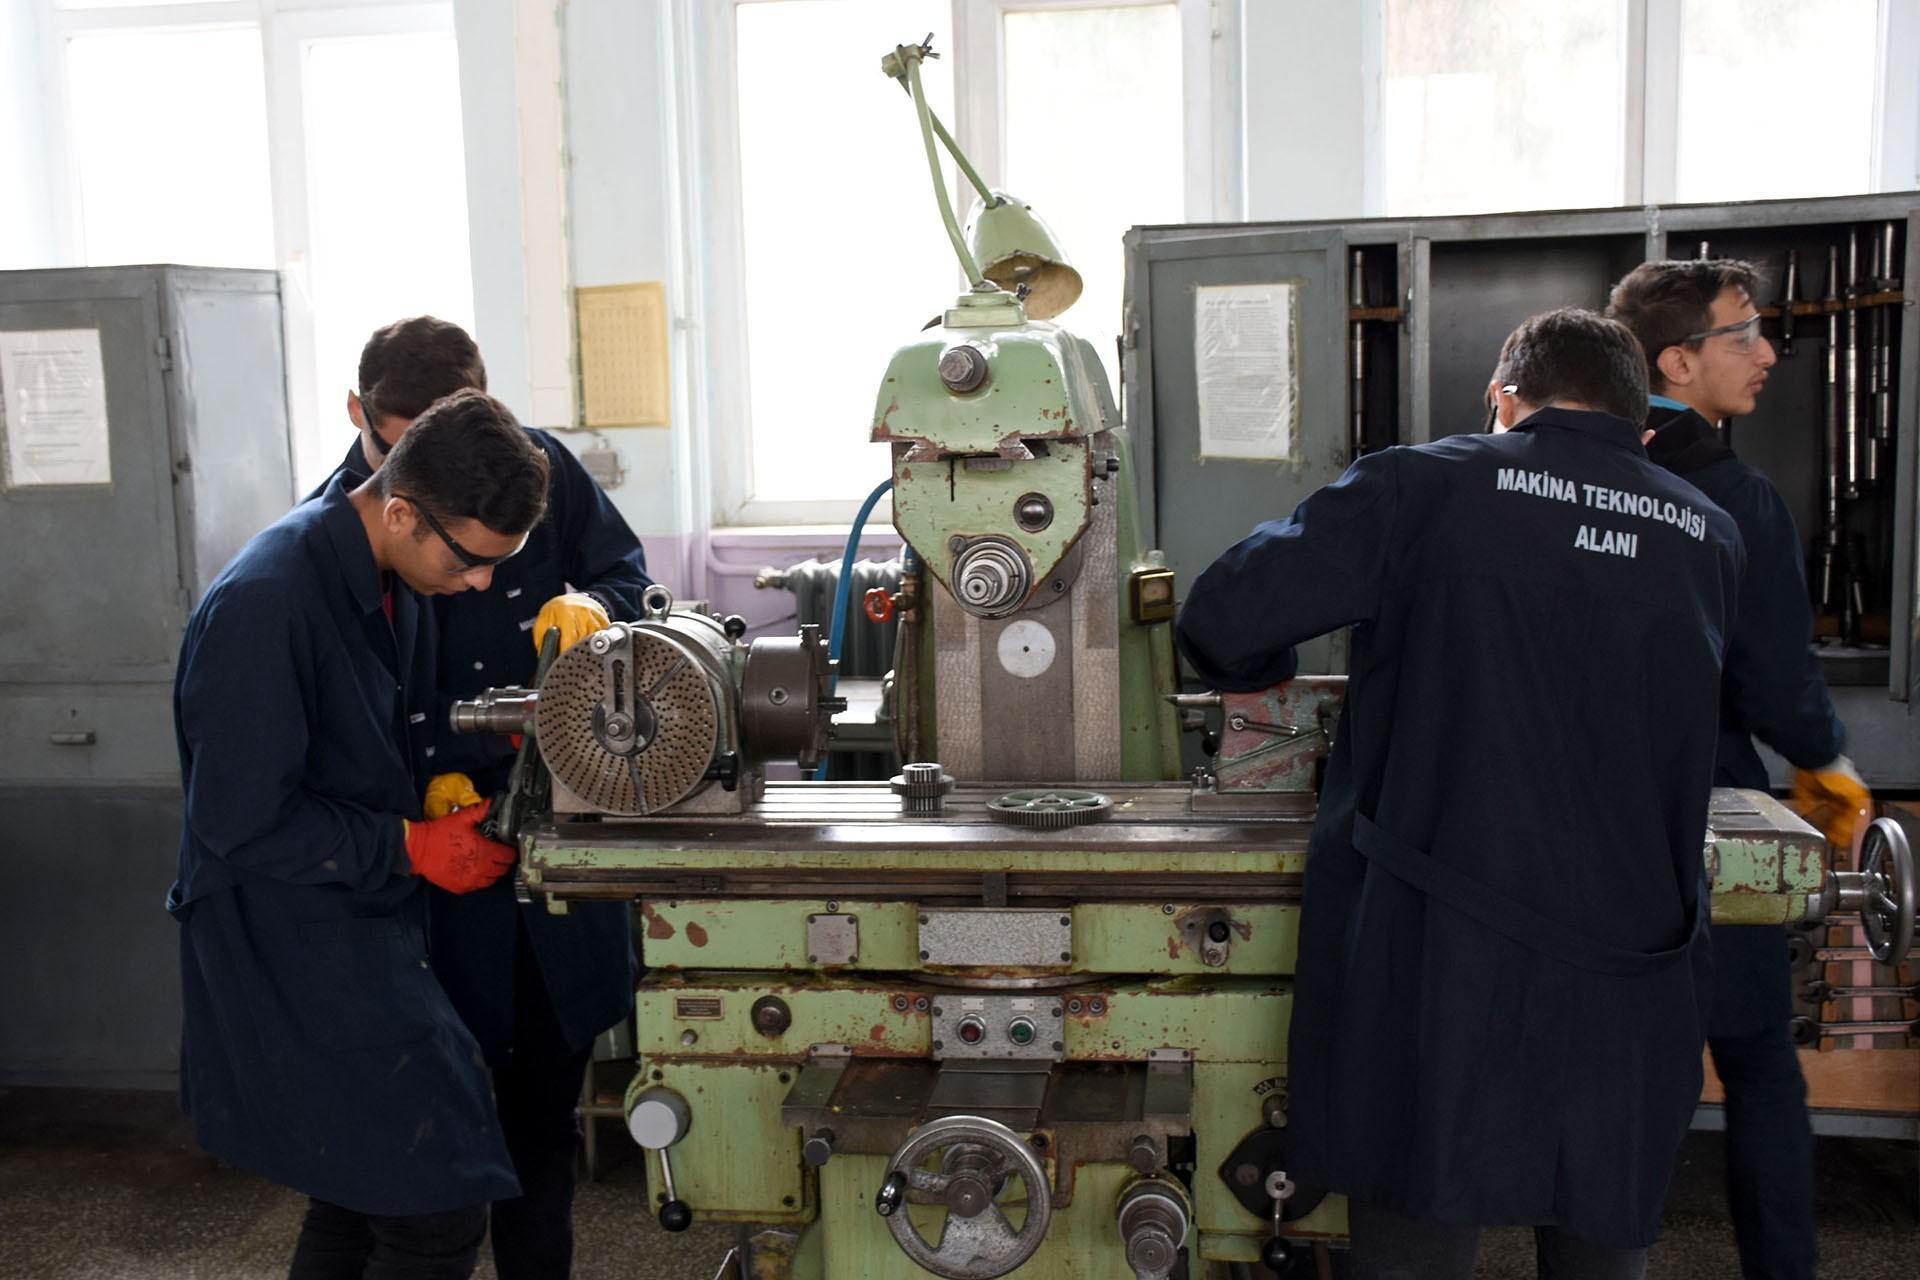 Aksaray Mesleki ve Teknik Anadolu Lisesi öğrencileri çalışırken